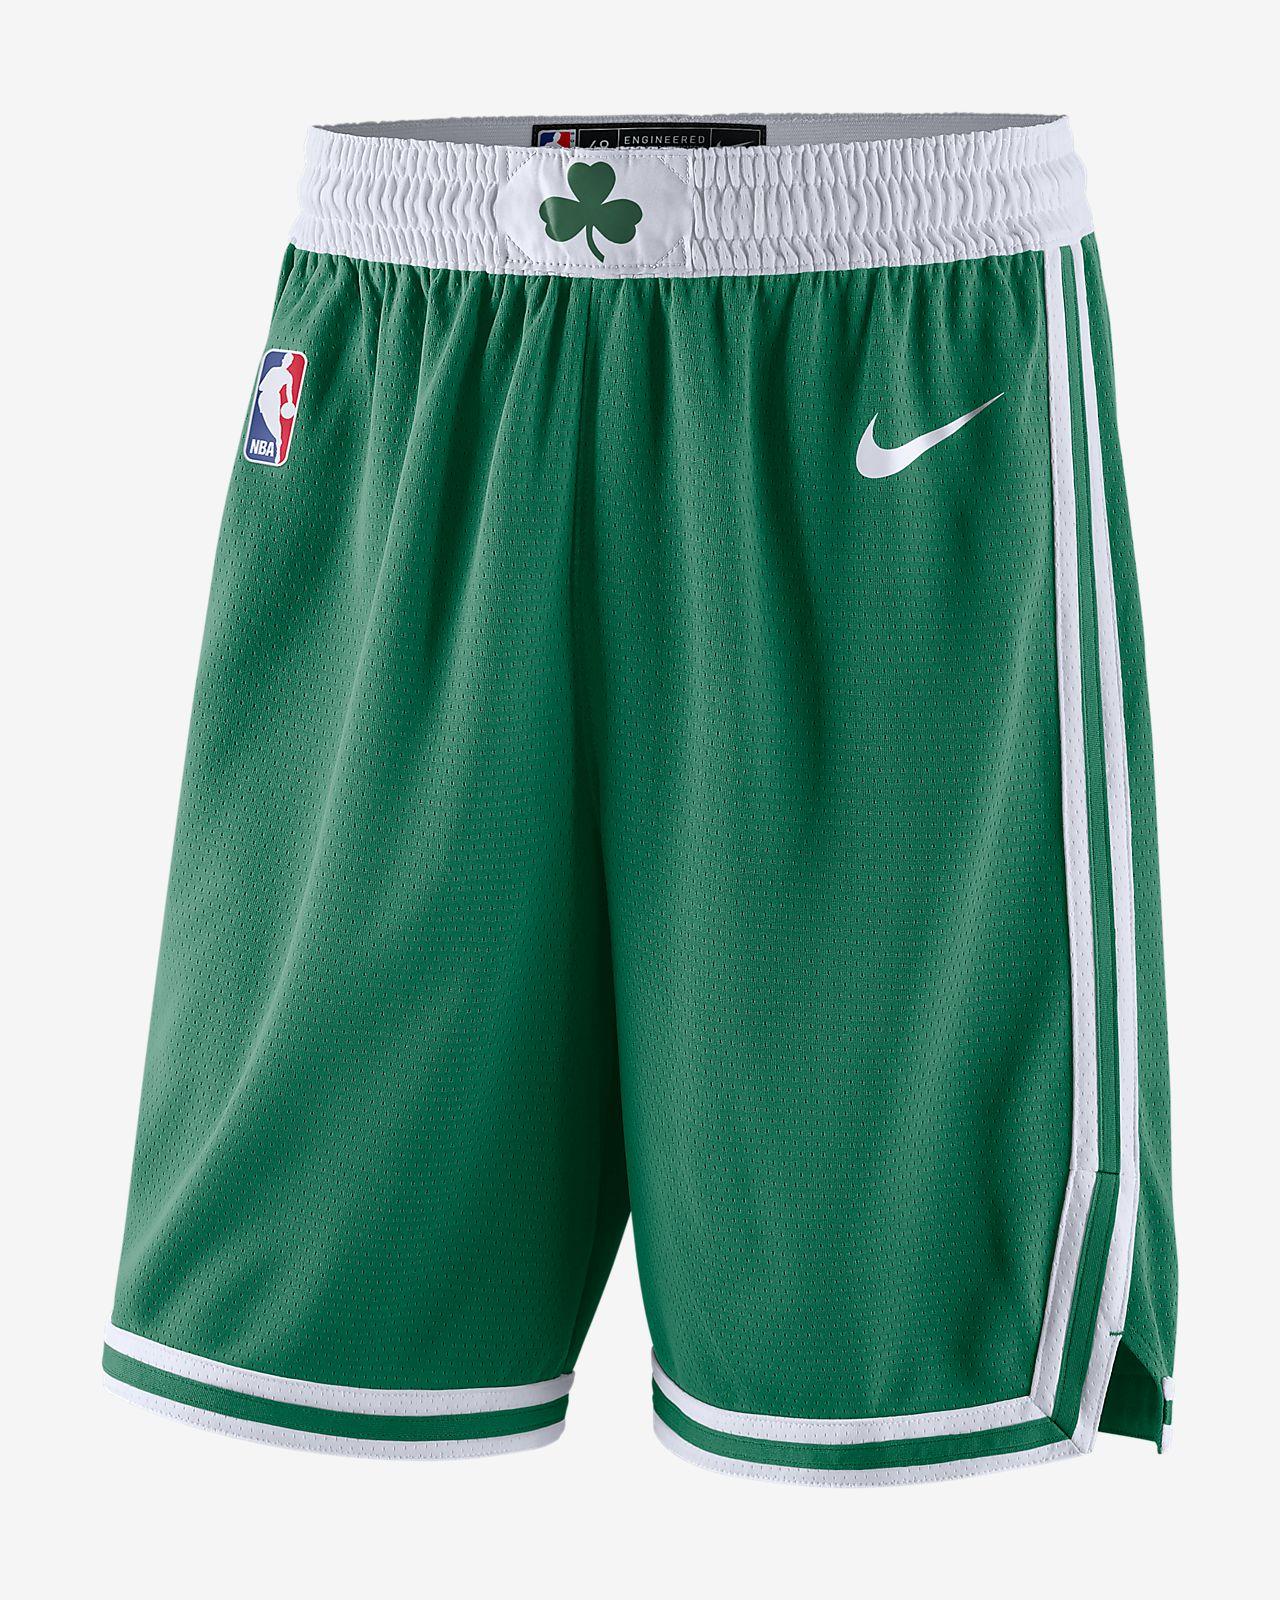 ボストン セルティックス アイコン エディション スウィングマン メンズ ナイキ NBA ショートパンツ